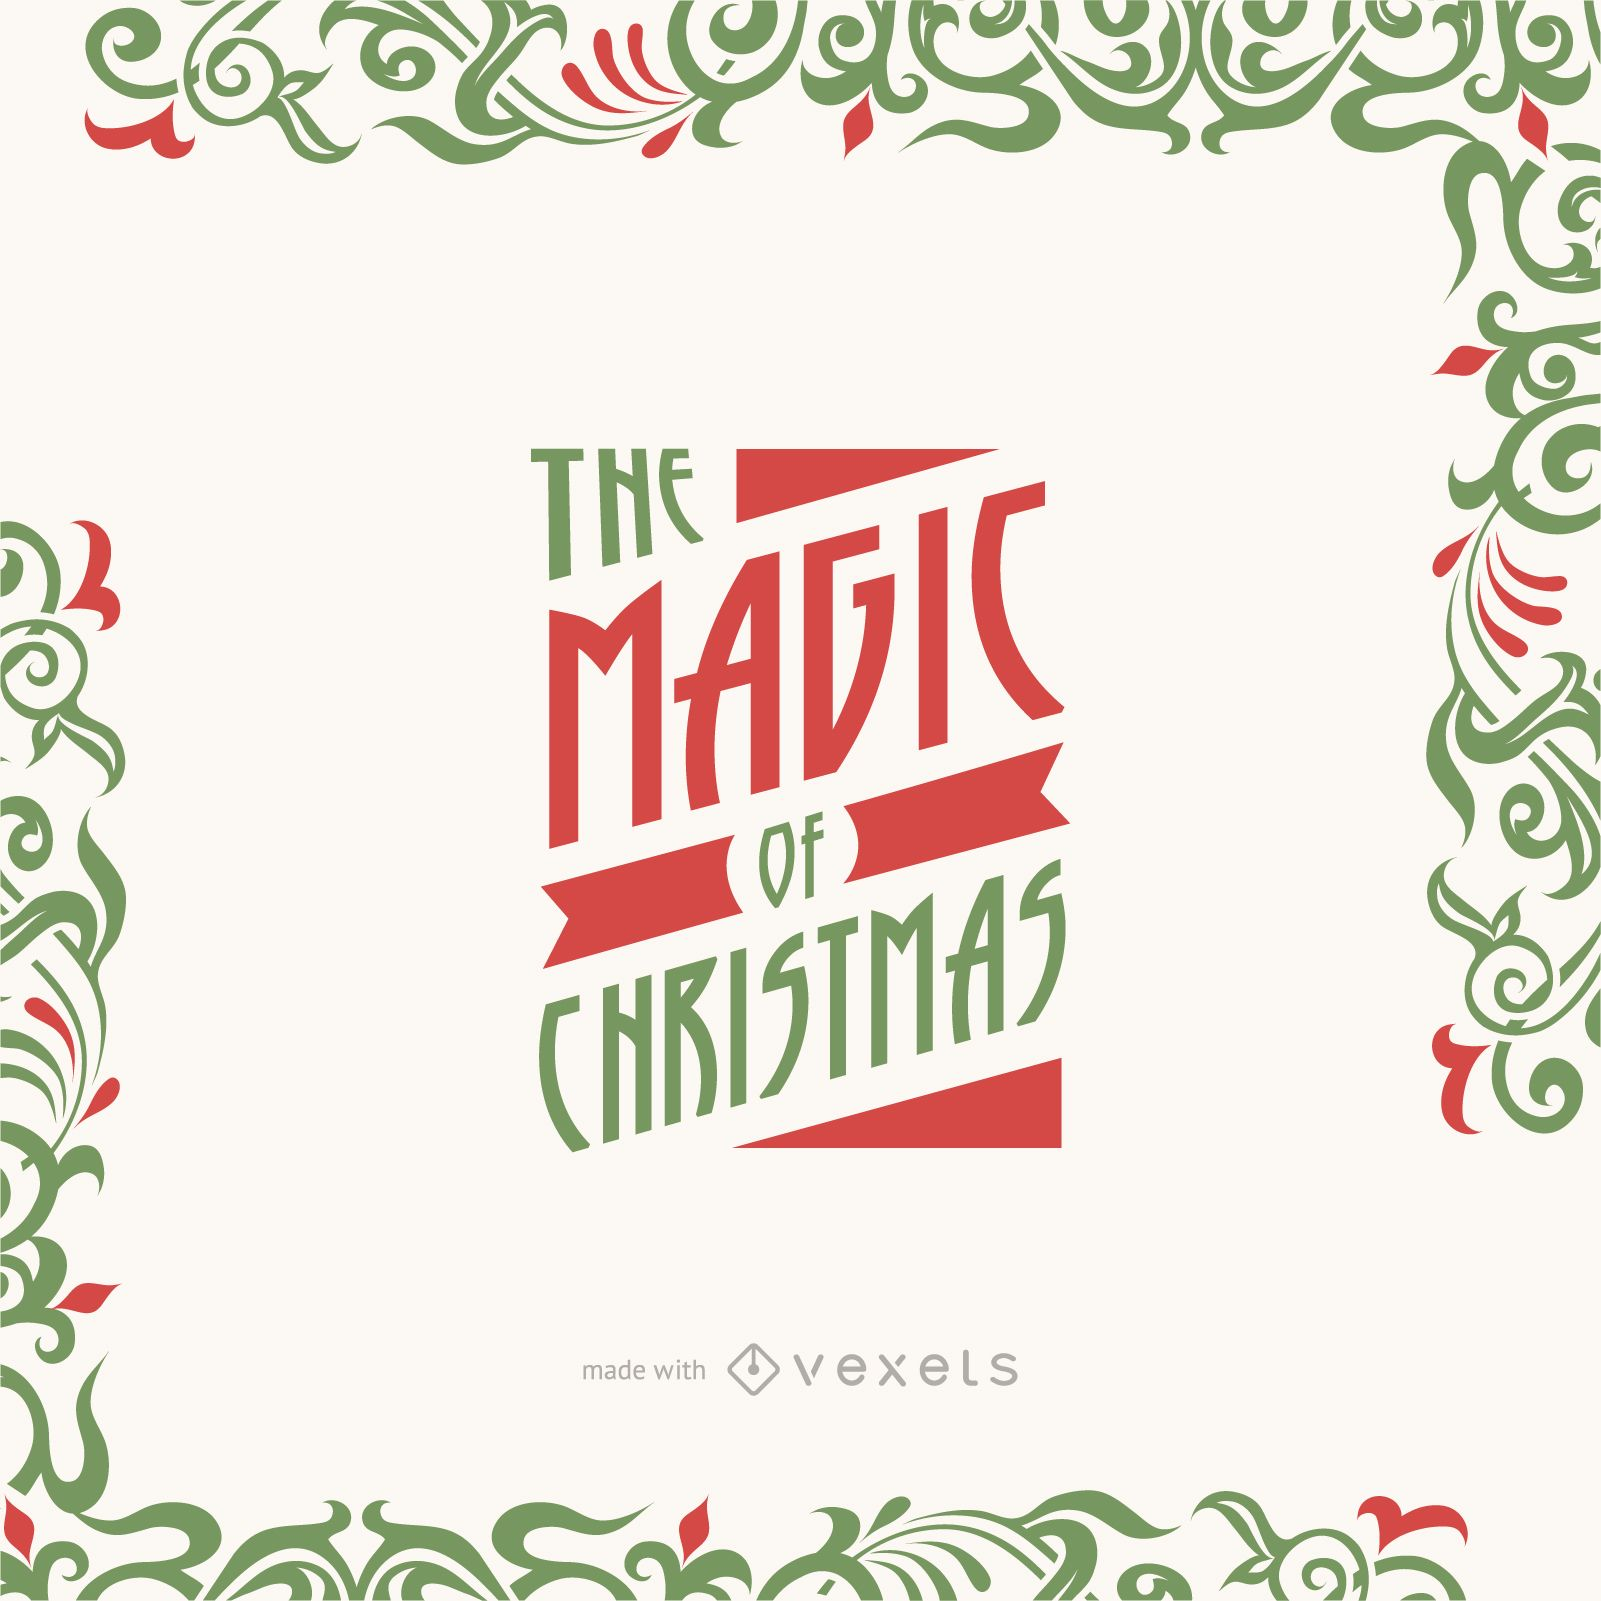 Editable Christmas greeting card maker